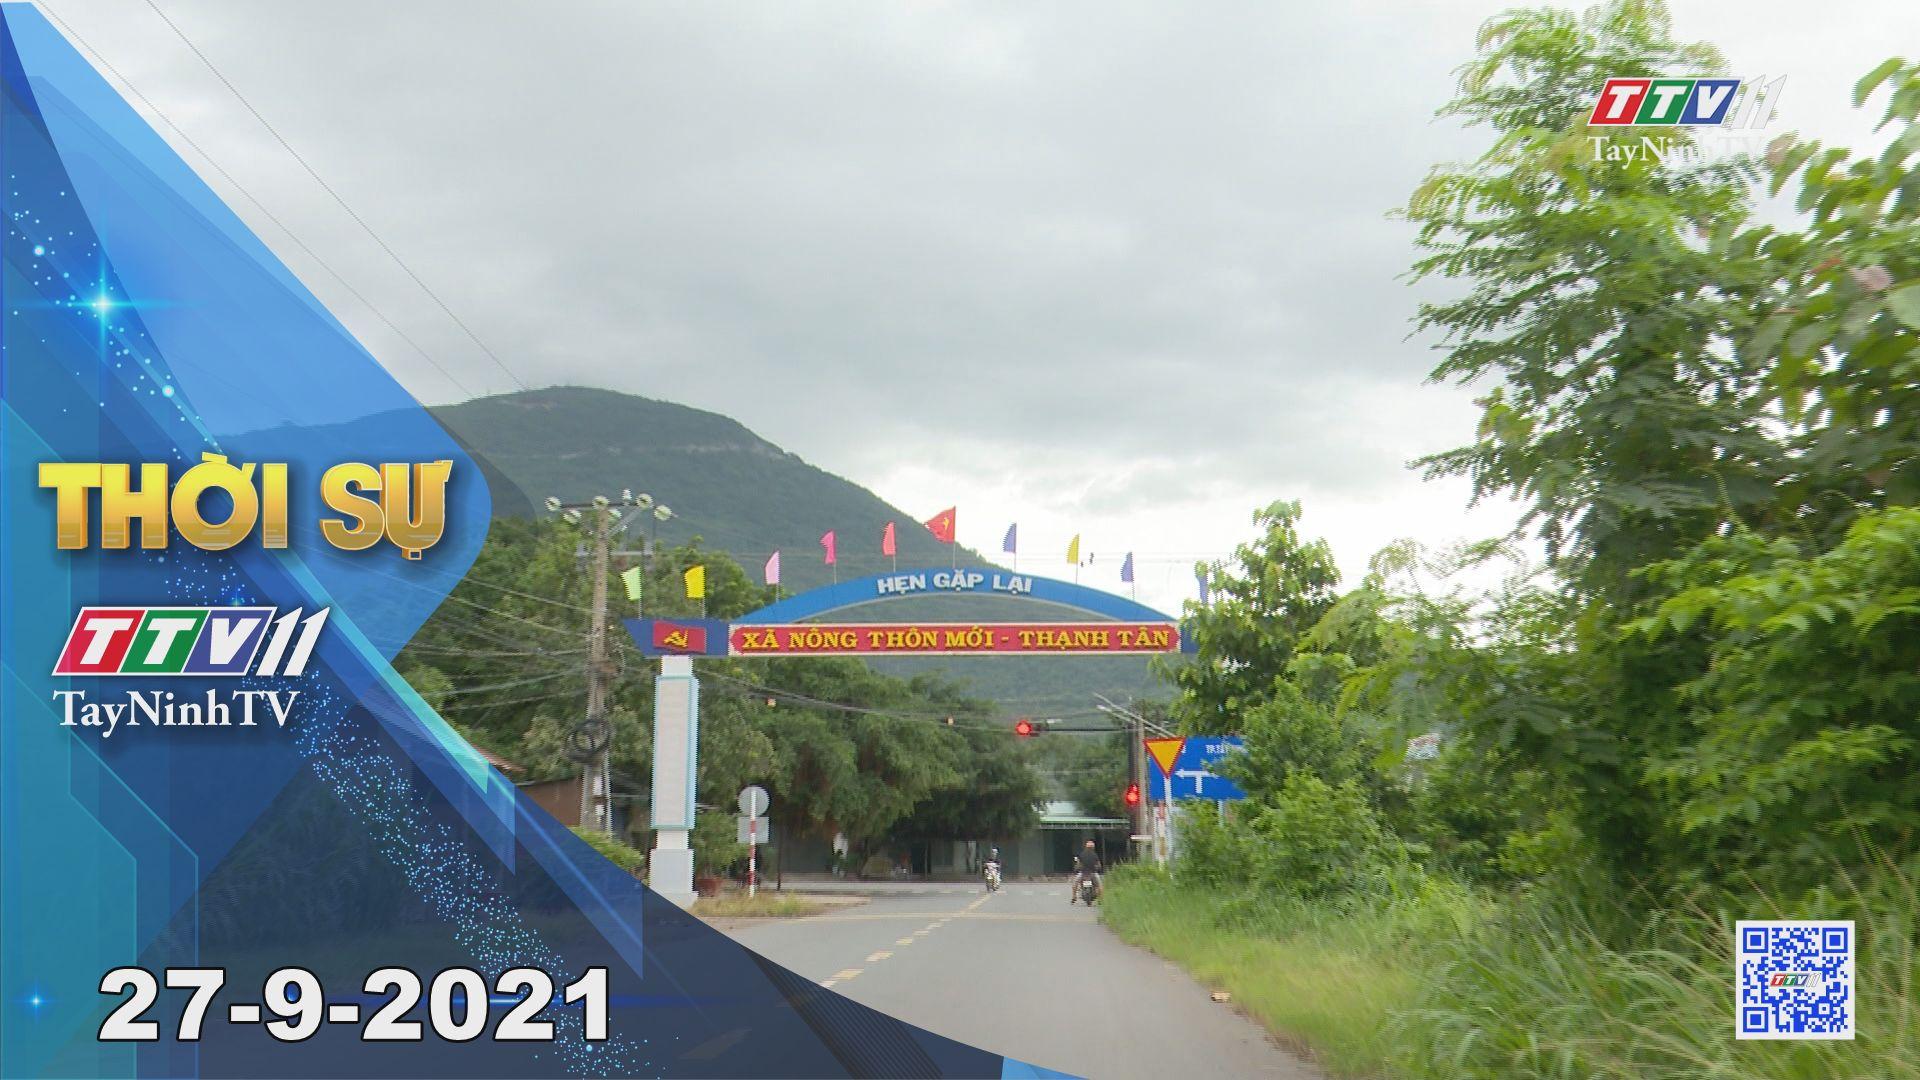 Thời sự Tây Ninh 27/9/2021 | Tin tức hôm nay | TayNinhTV